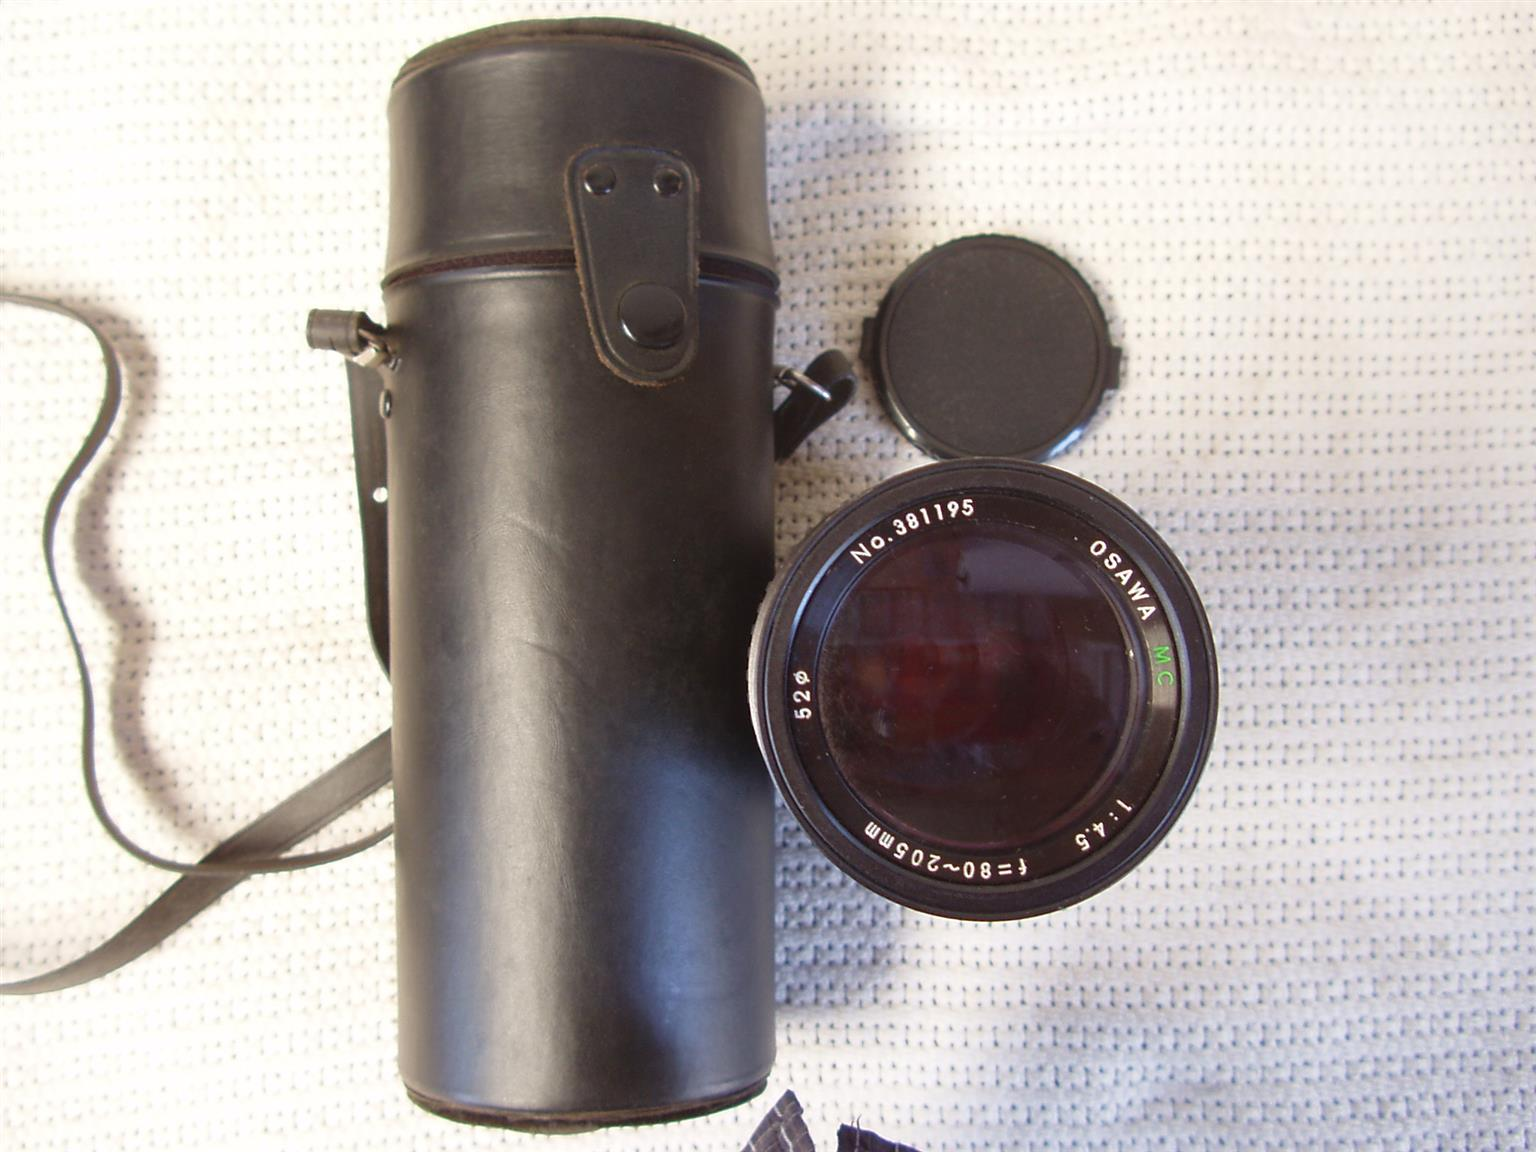 Osawa 80-205mm f/4.5 Camera Lens - in original carry Case